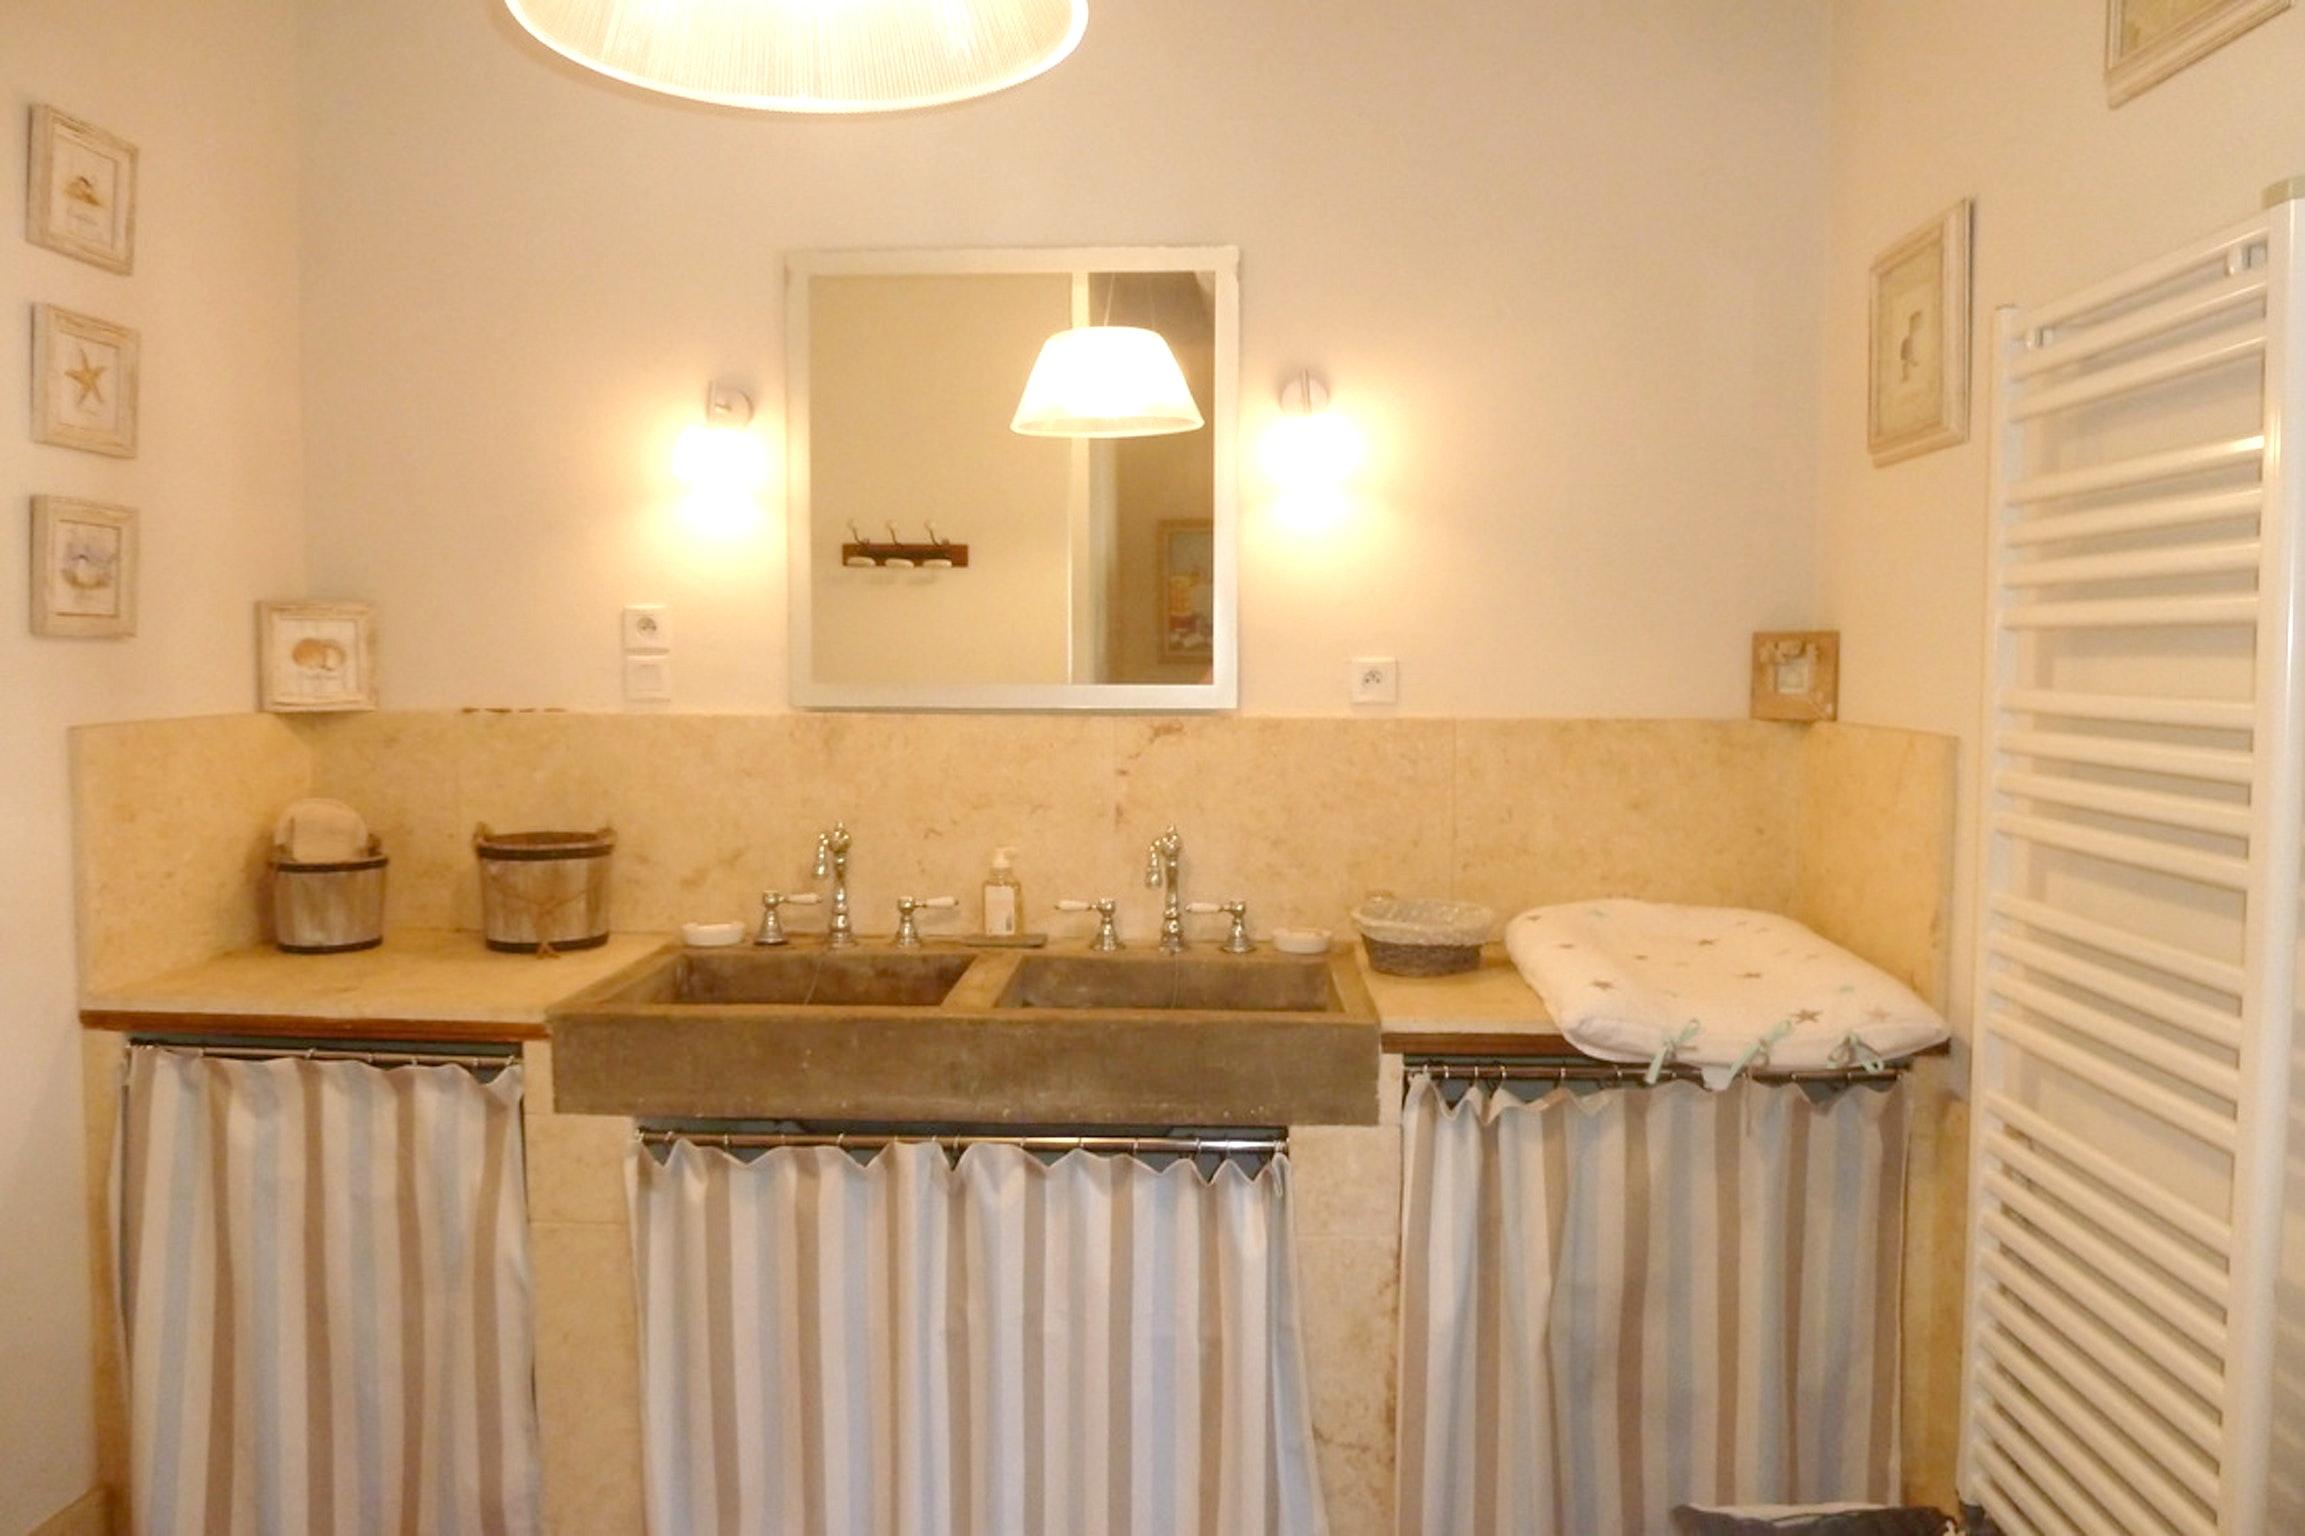 Ferienhaus Haus mit 6 Schlafzimmern in Pernes-les-Fontaines mit privatem Pool, möbliertem Garten und  (2377414), Pernes les Fontaines, Saône-et-Loire, Burgund, Frankreich, Bild 25